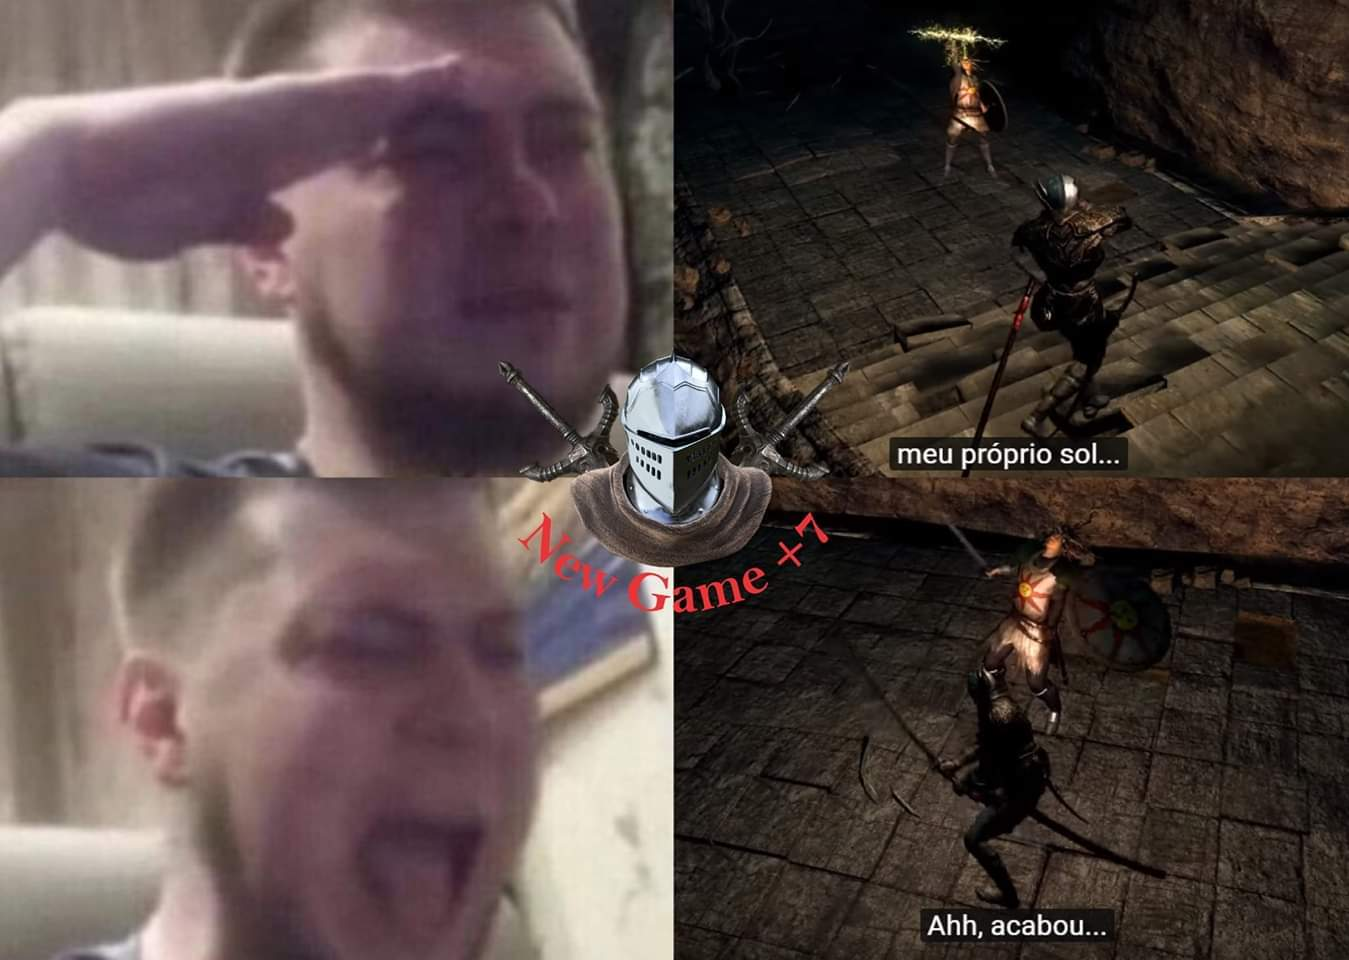 Peguei foi o set dele to nem aikkkkkkkkkk - meme